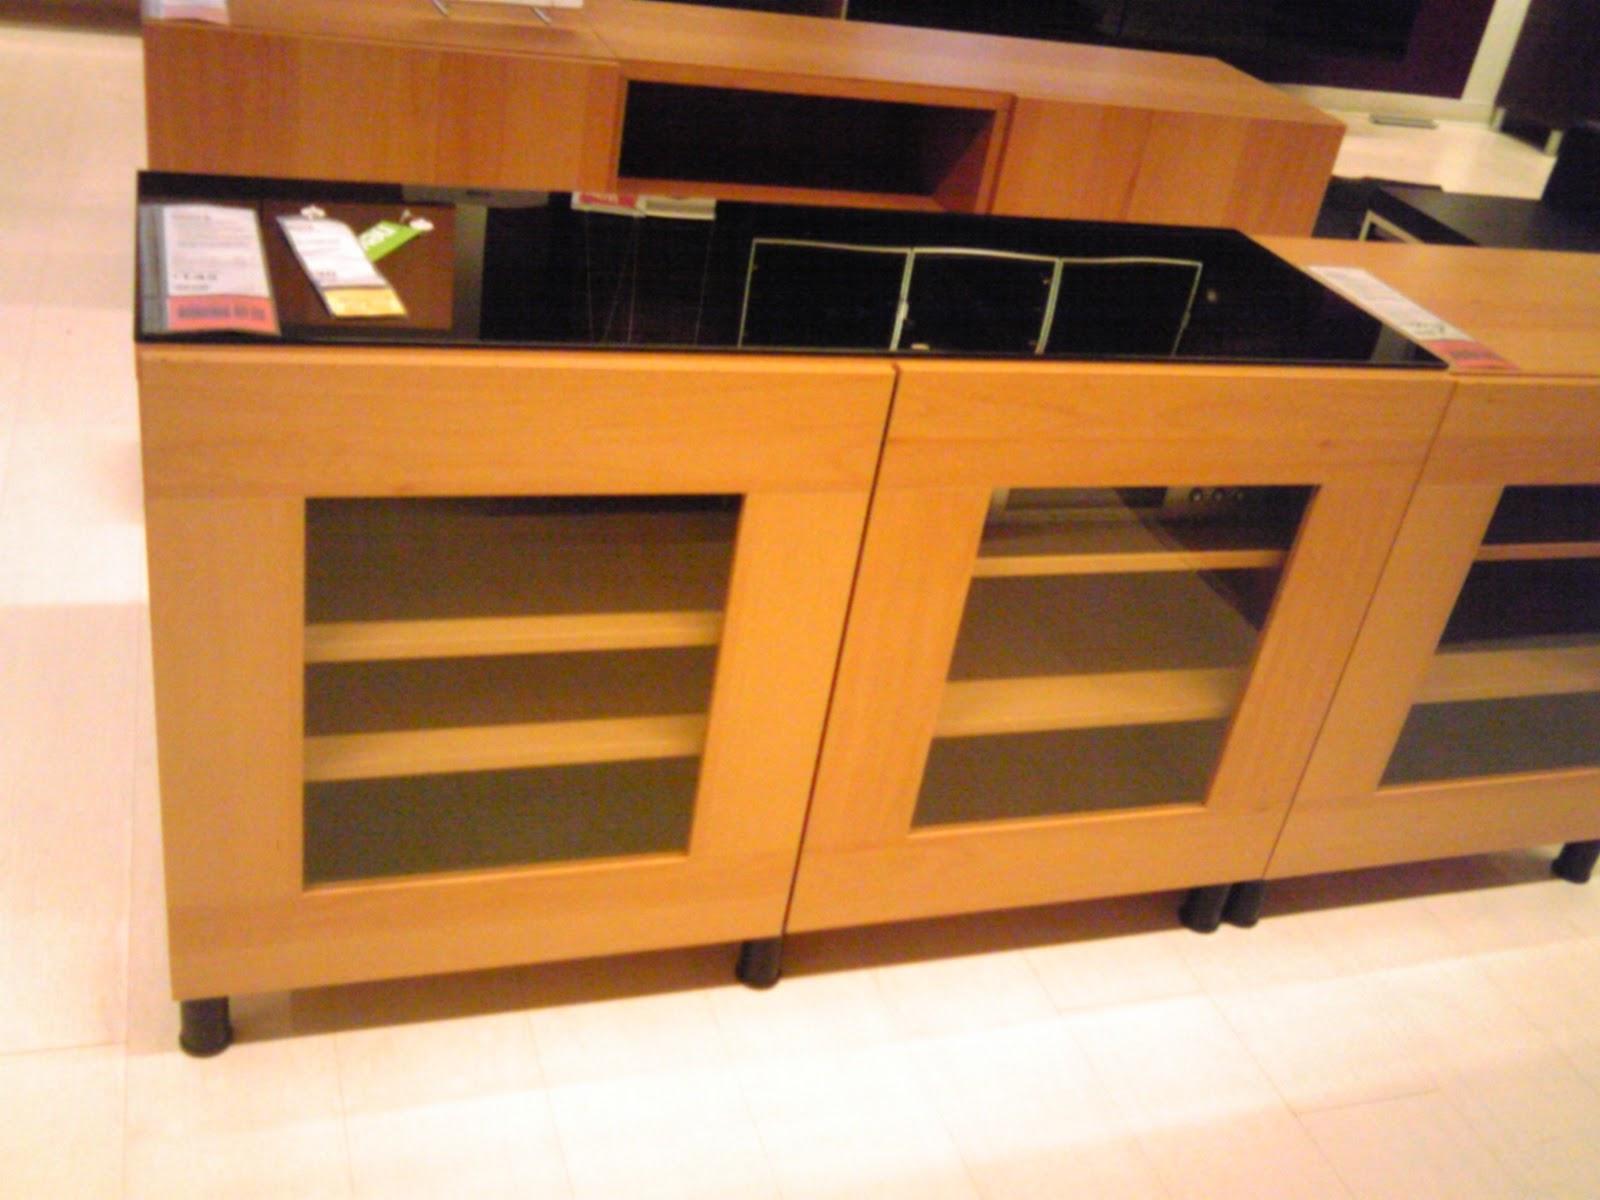 Meuble Tv A Roulette Ikea Meilleures Id Es Pour Votre Maison  # Meuble A Roulettes Ikea Plaque Hetre